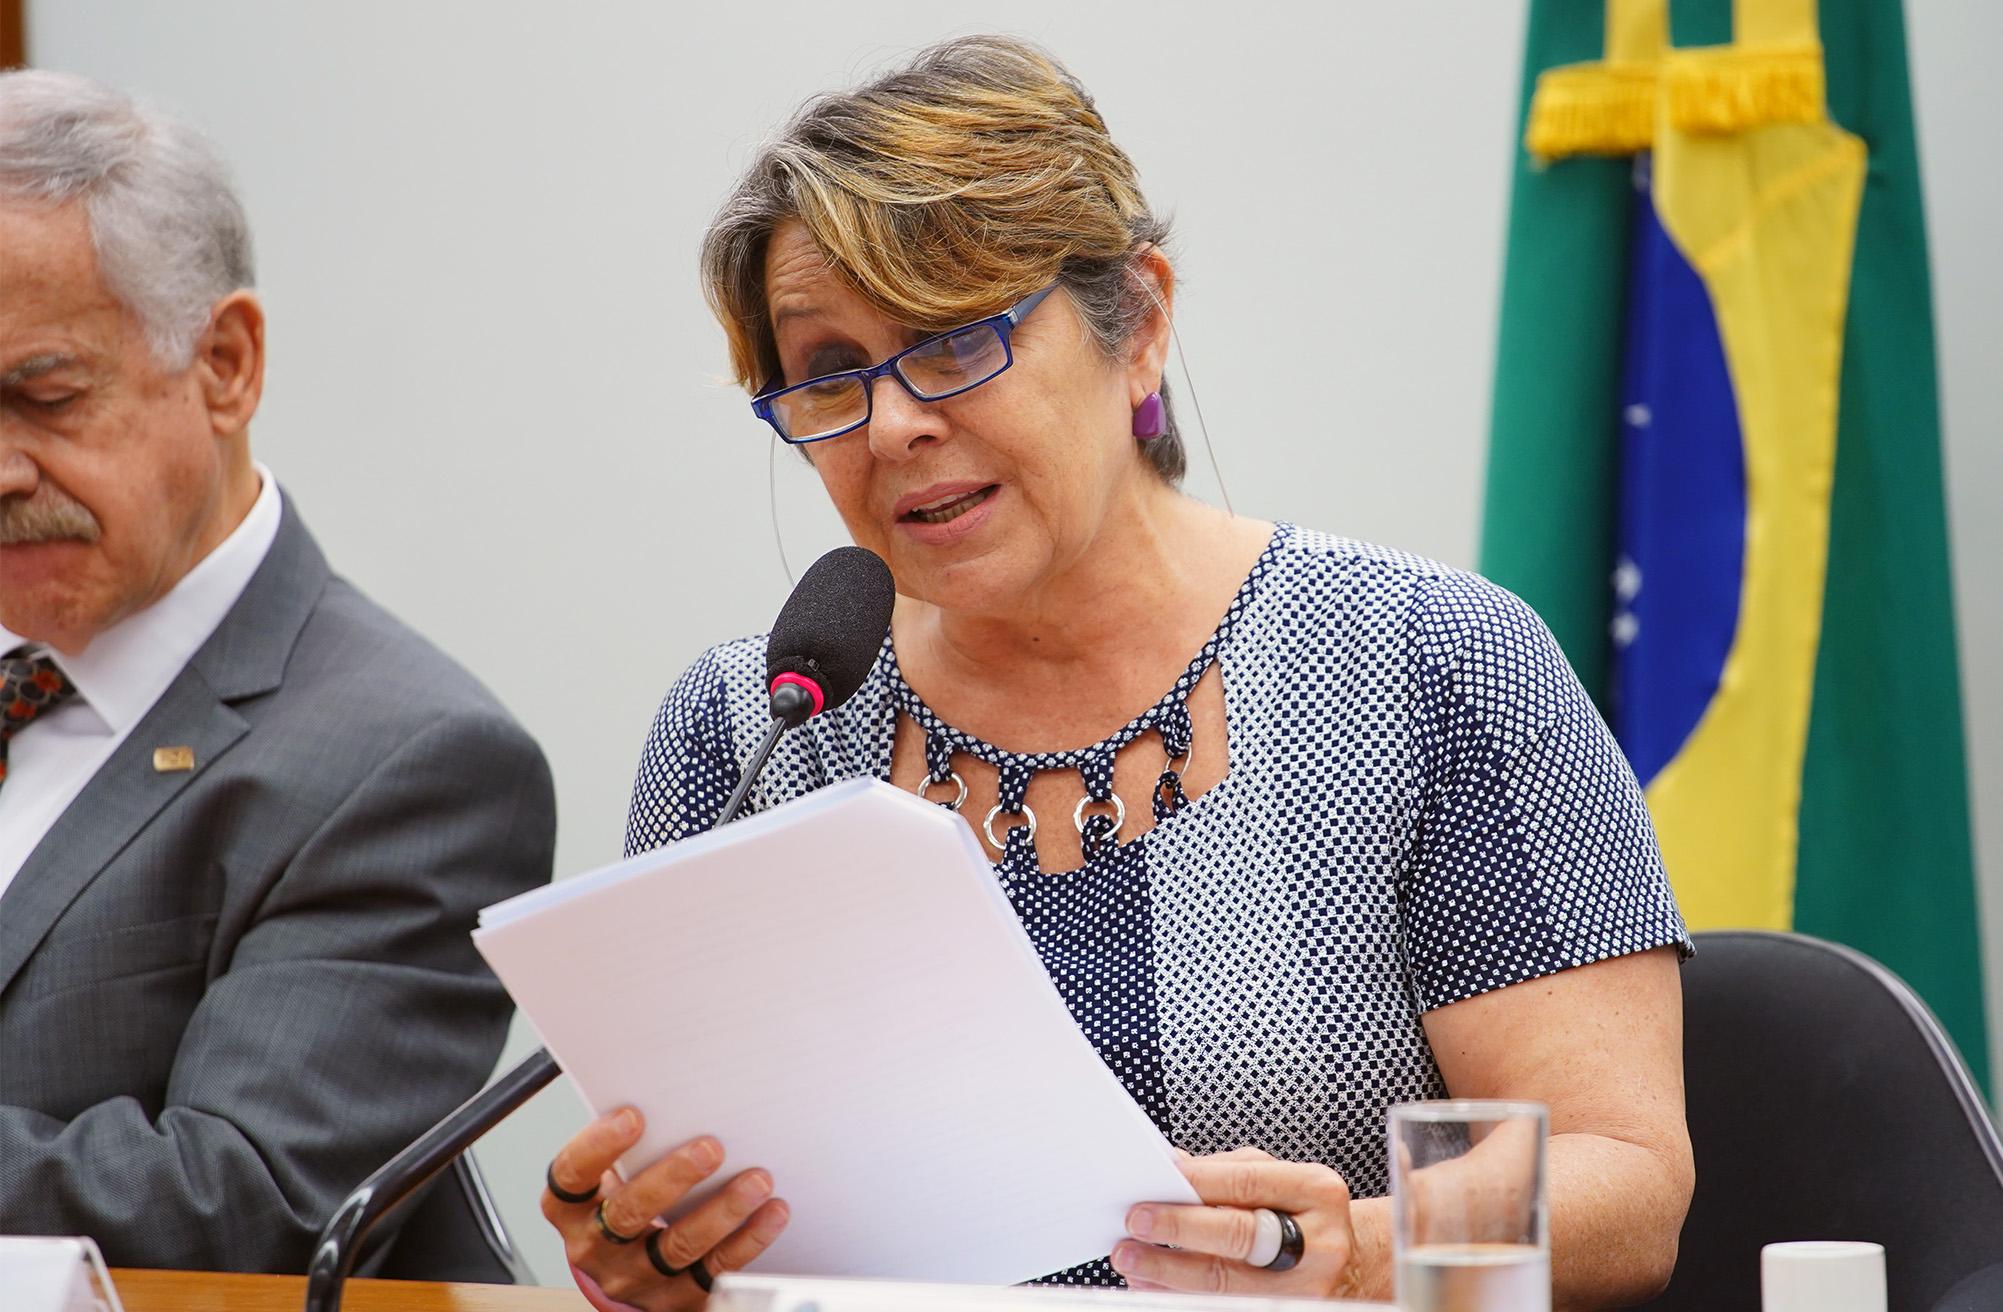 Audiência pública para discutir denúncias no âmbito da EMBRAPA. Dep. Érika Kokay (PT - DF)